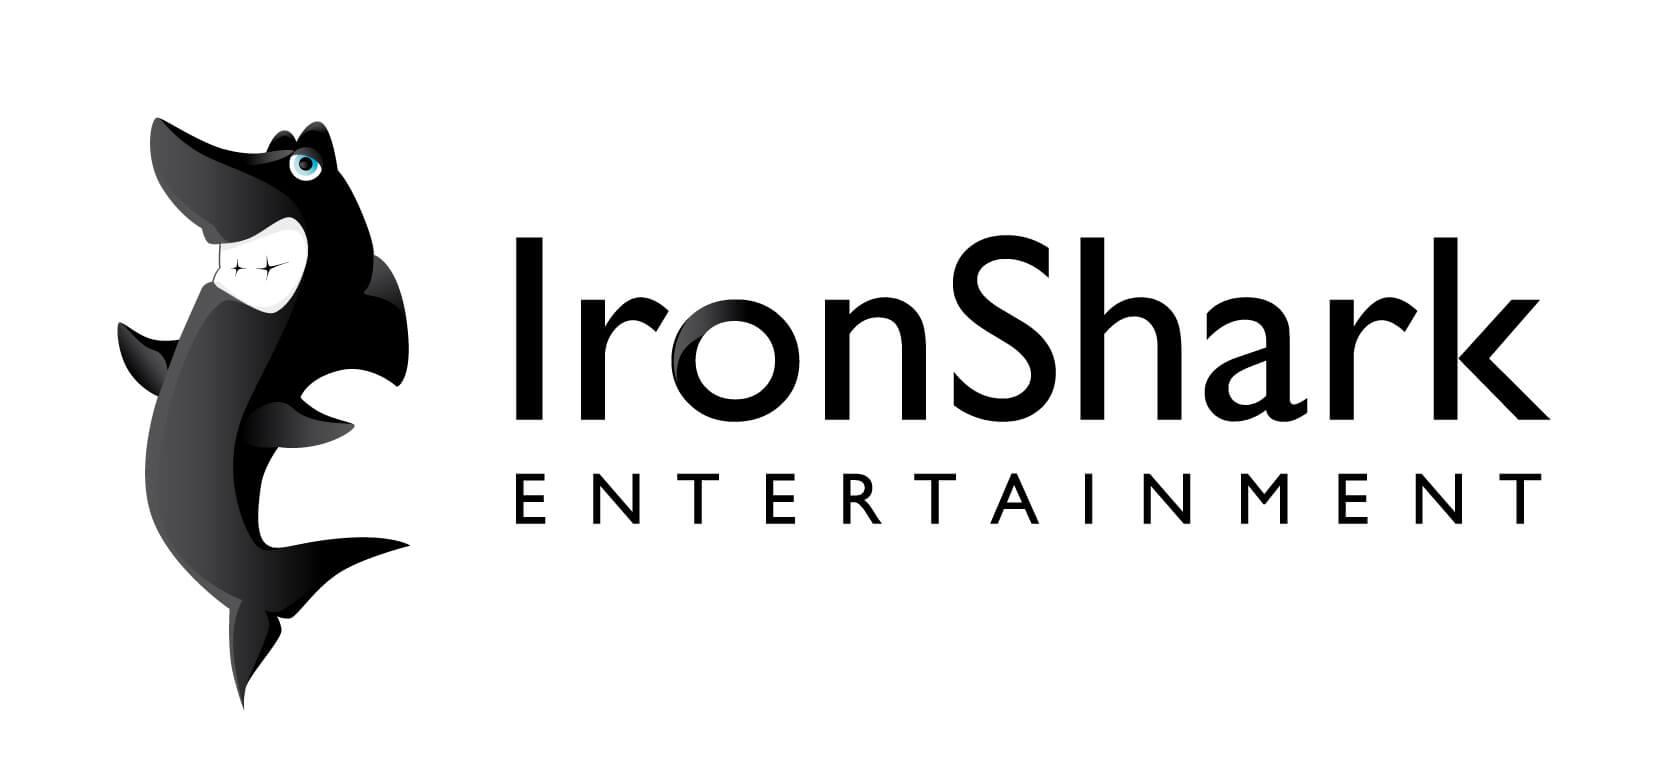 Ironshark